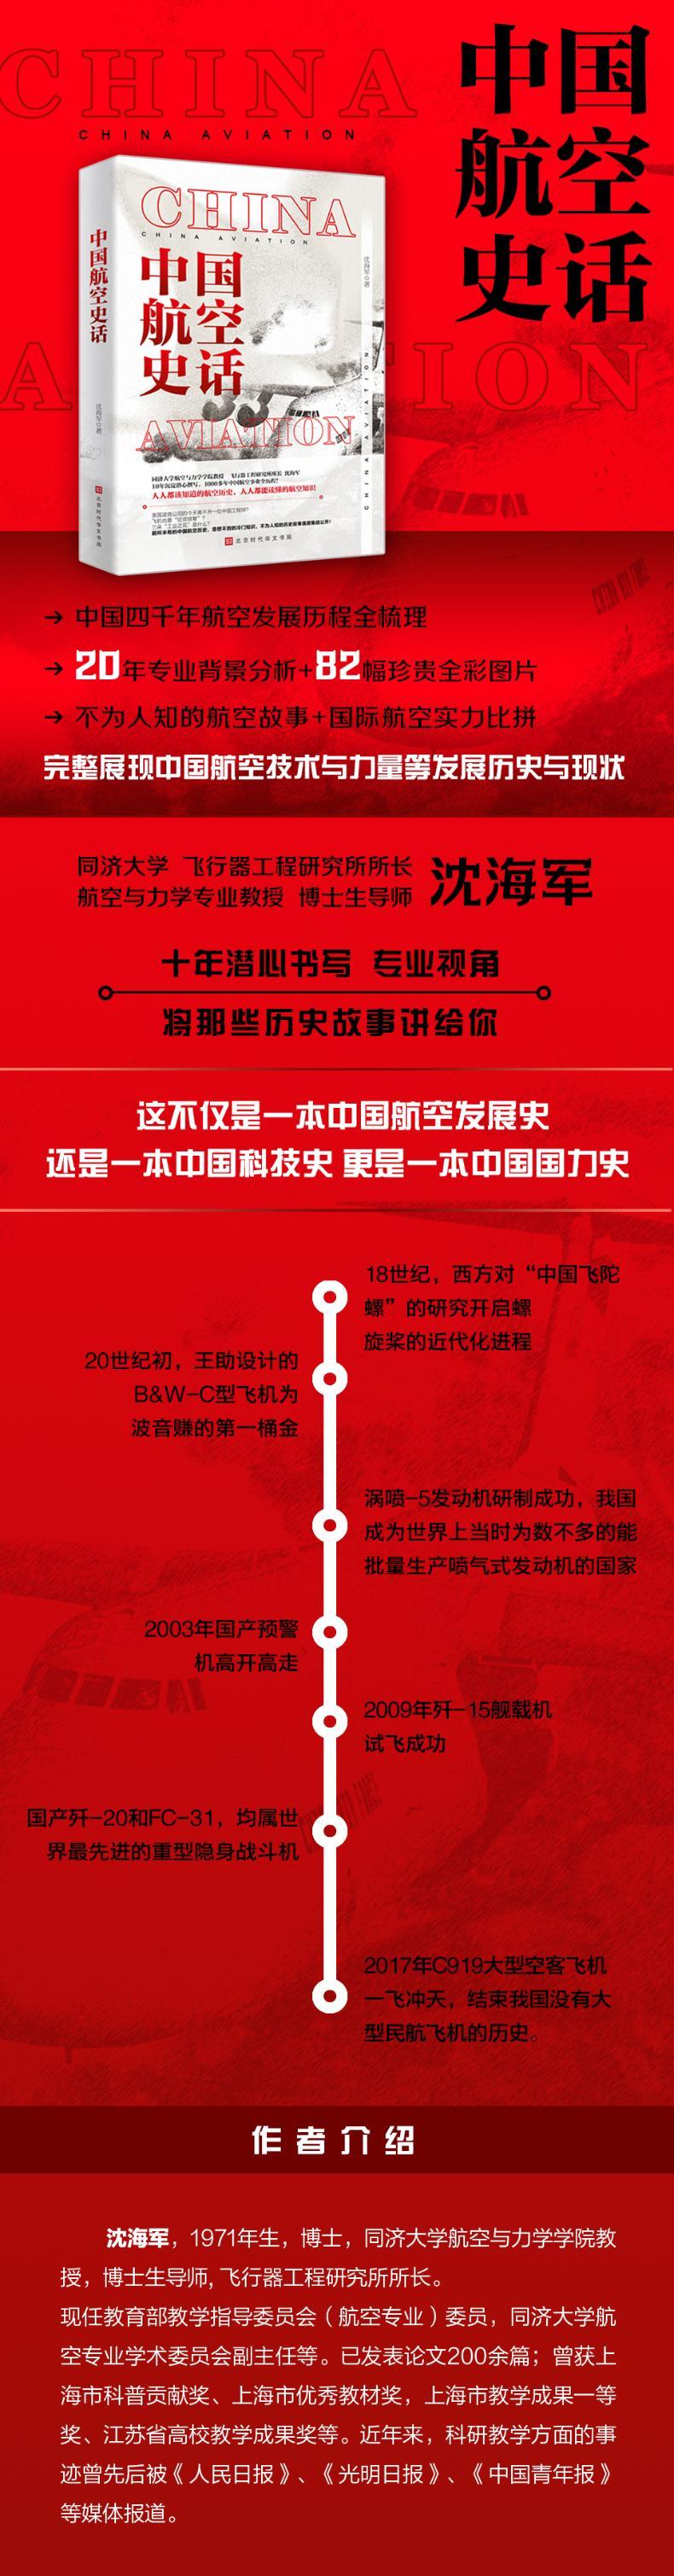 从秦铜车马到大型运输机,中国航空工业再度腾飞